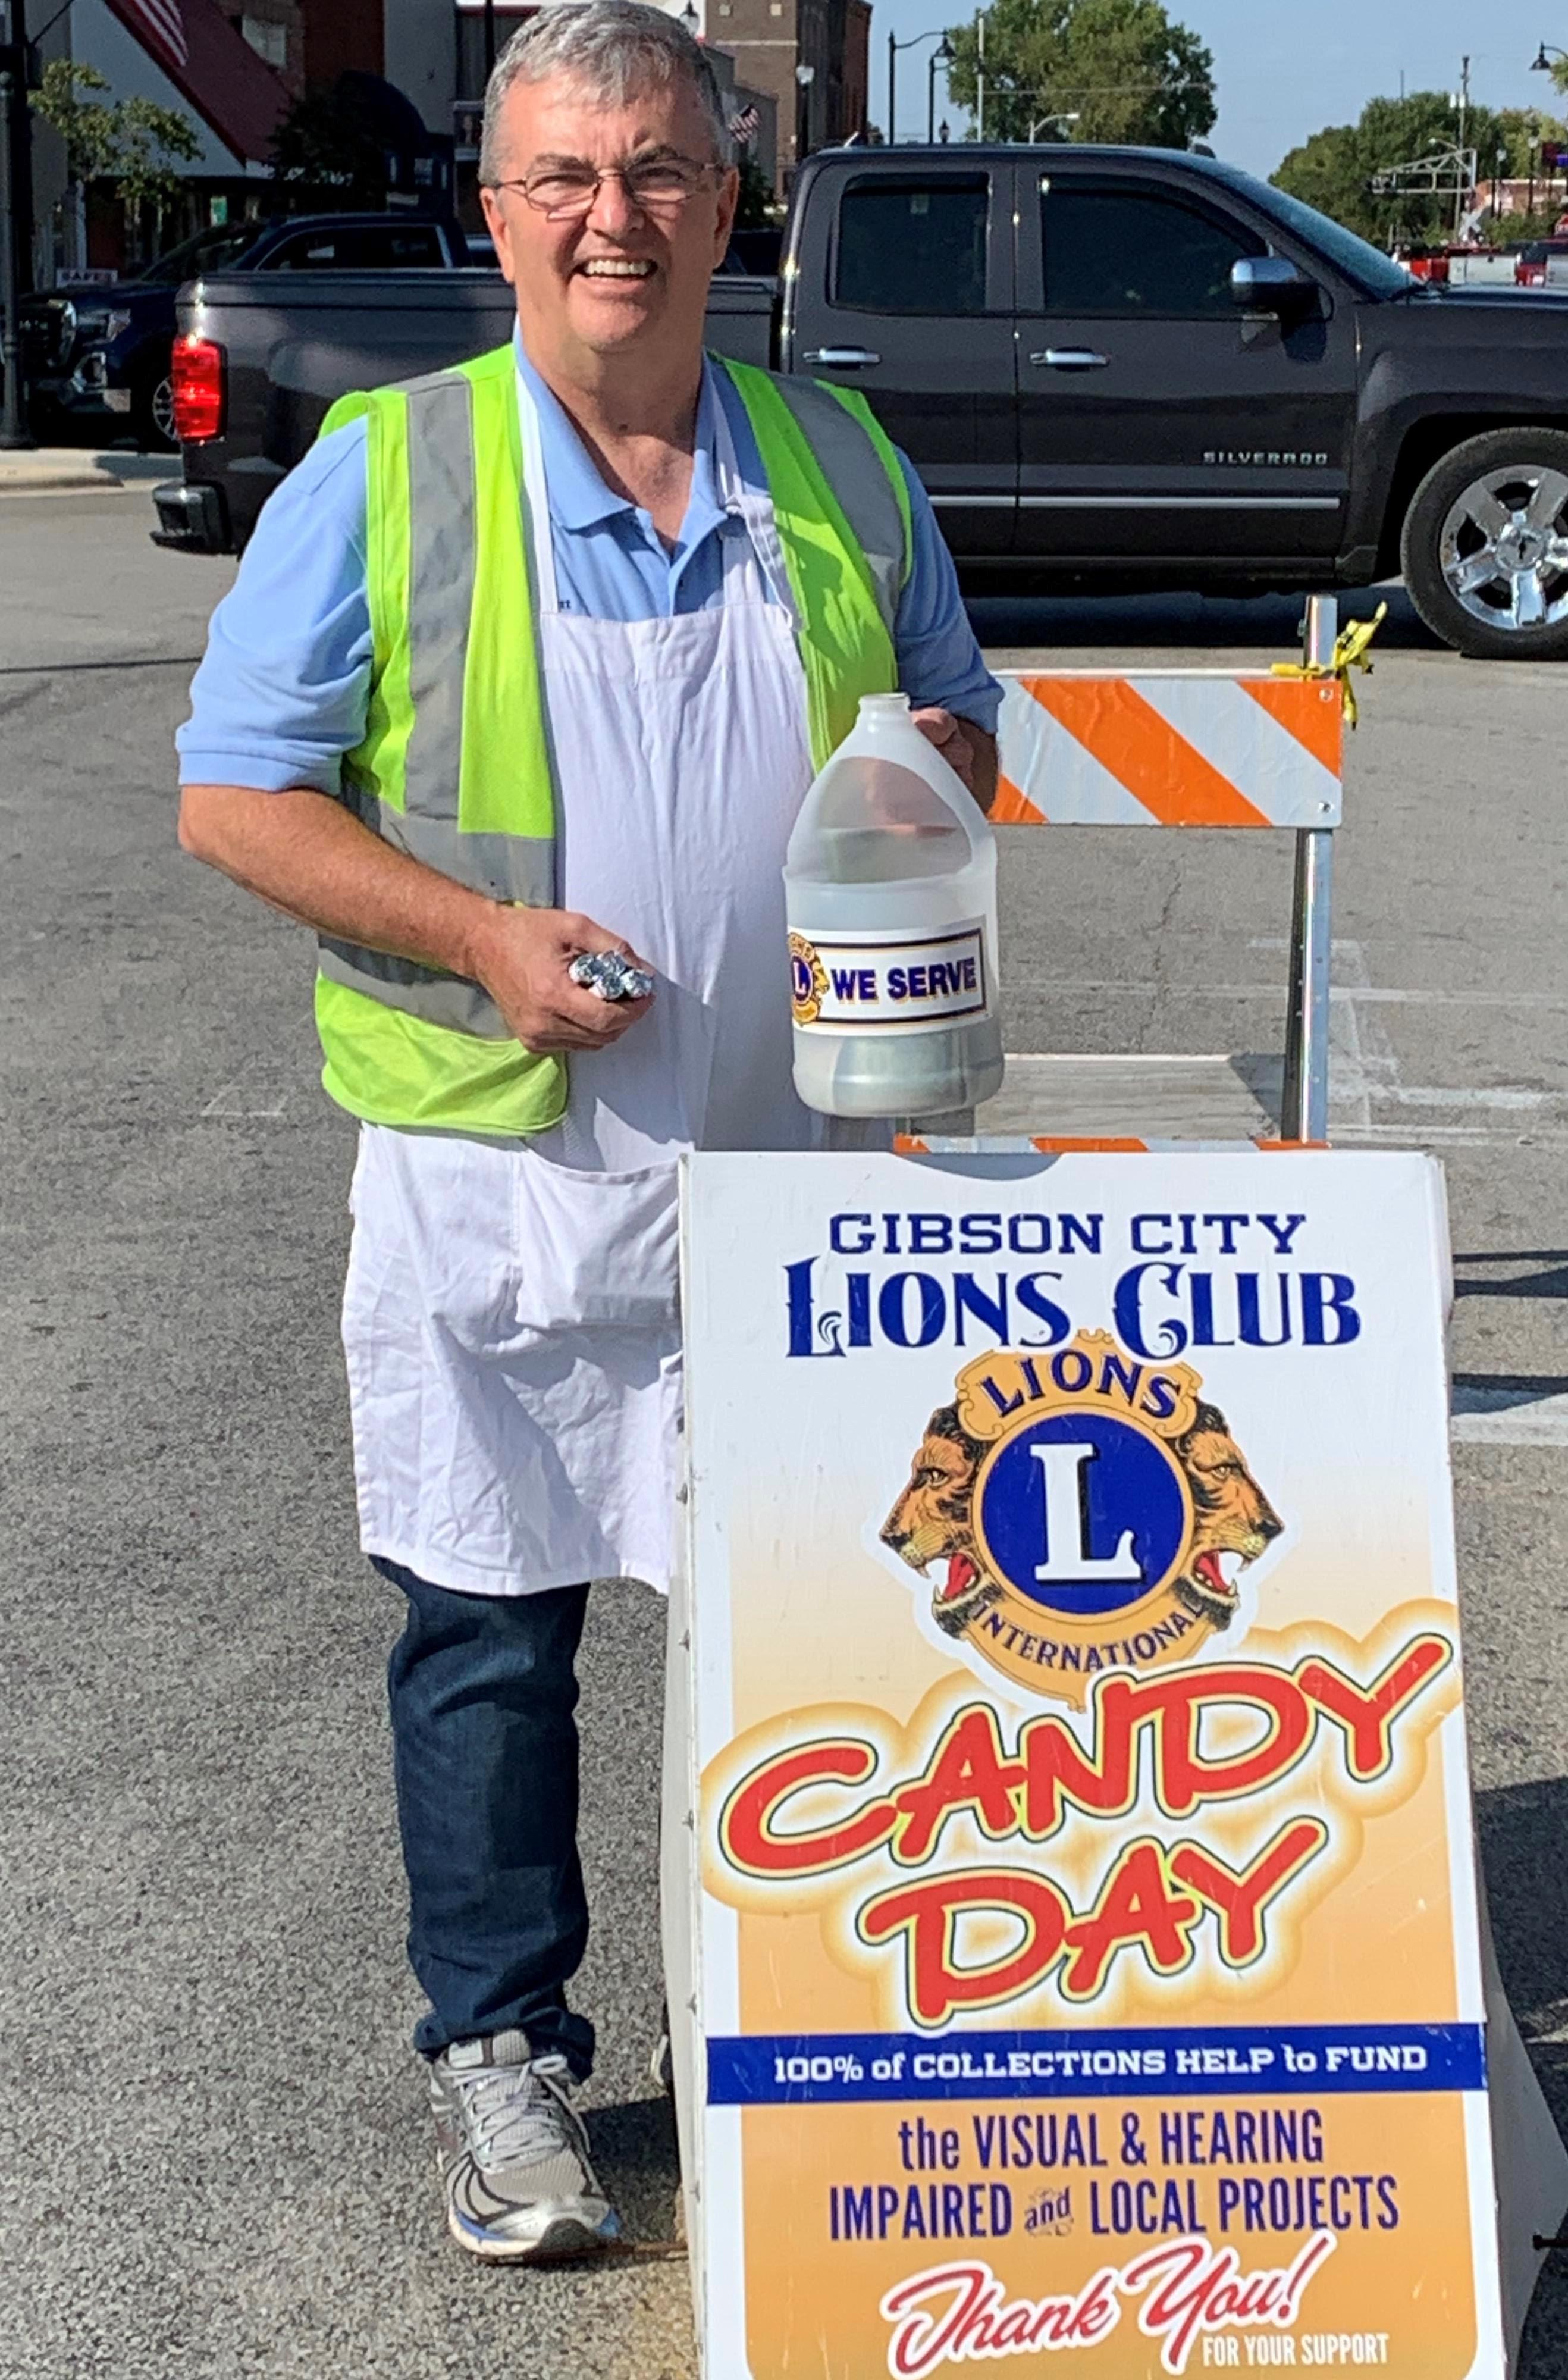 Candy_Day.jpg